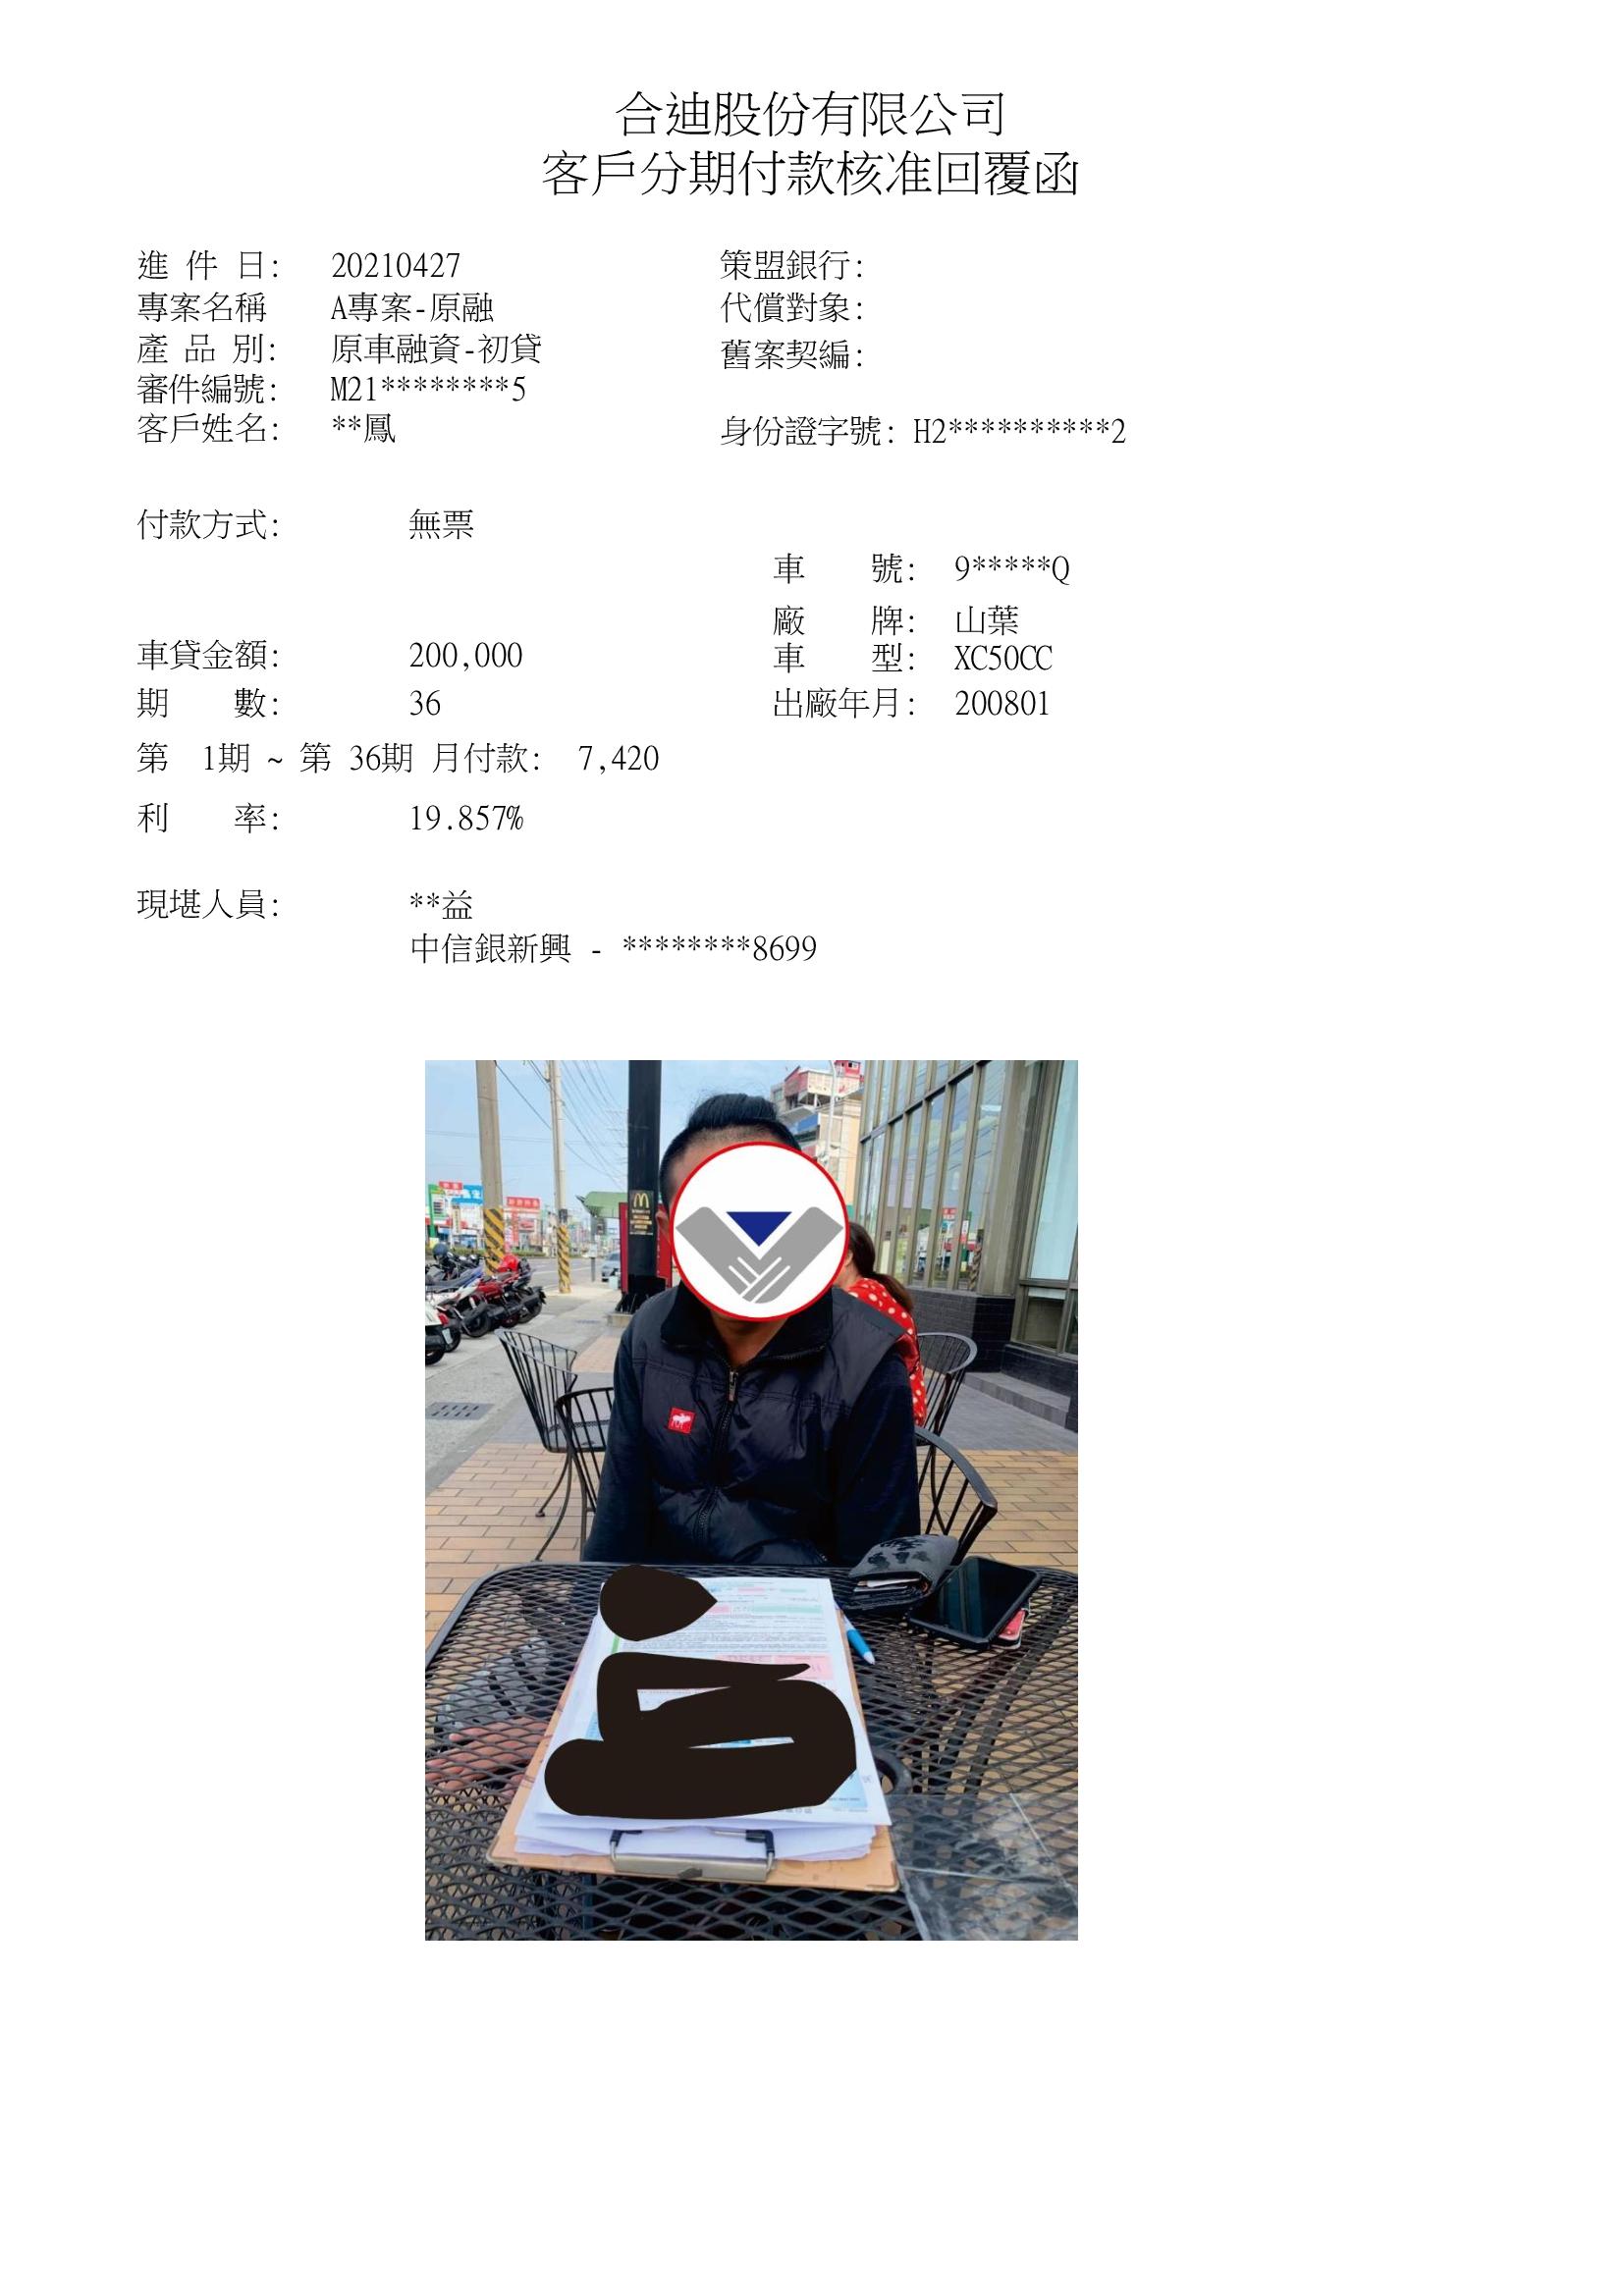 居住於桃園徐小姐,機車原融核准20萬